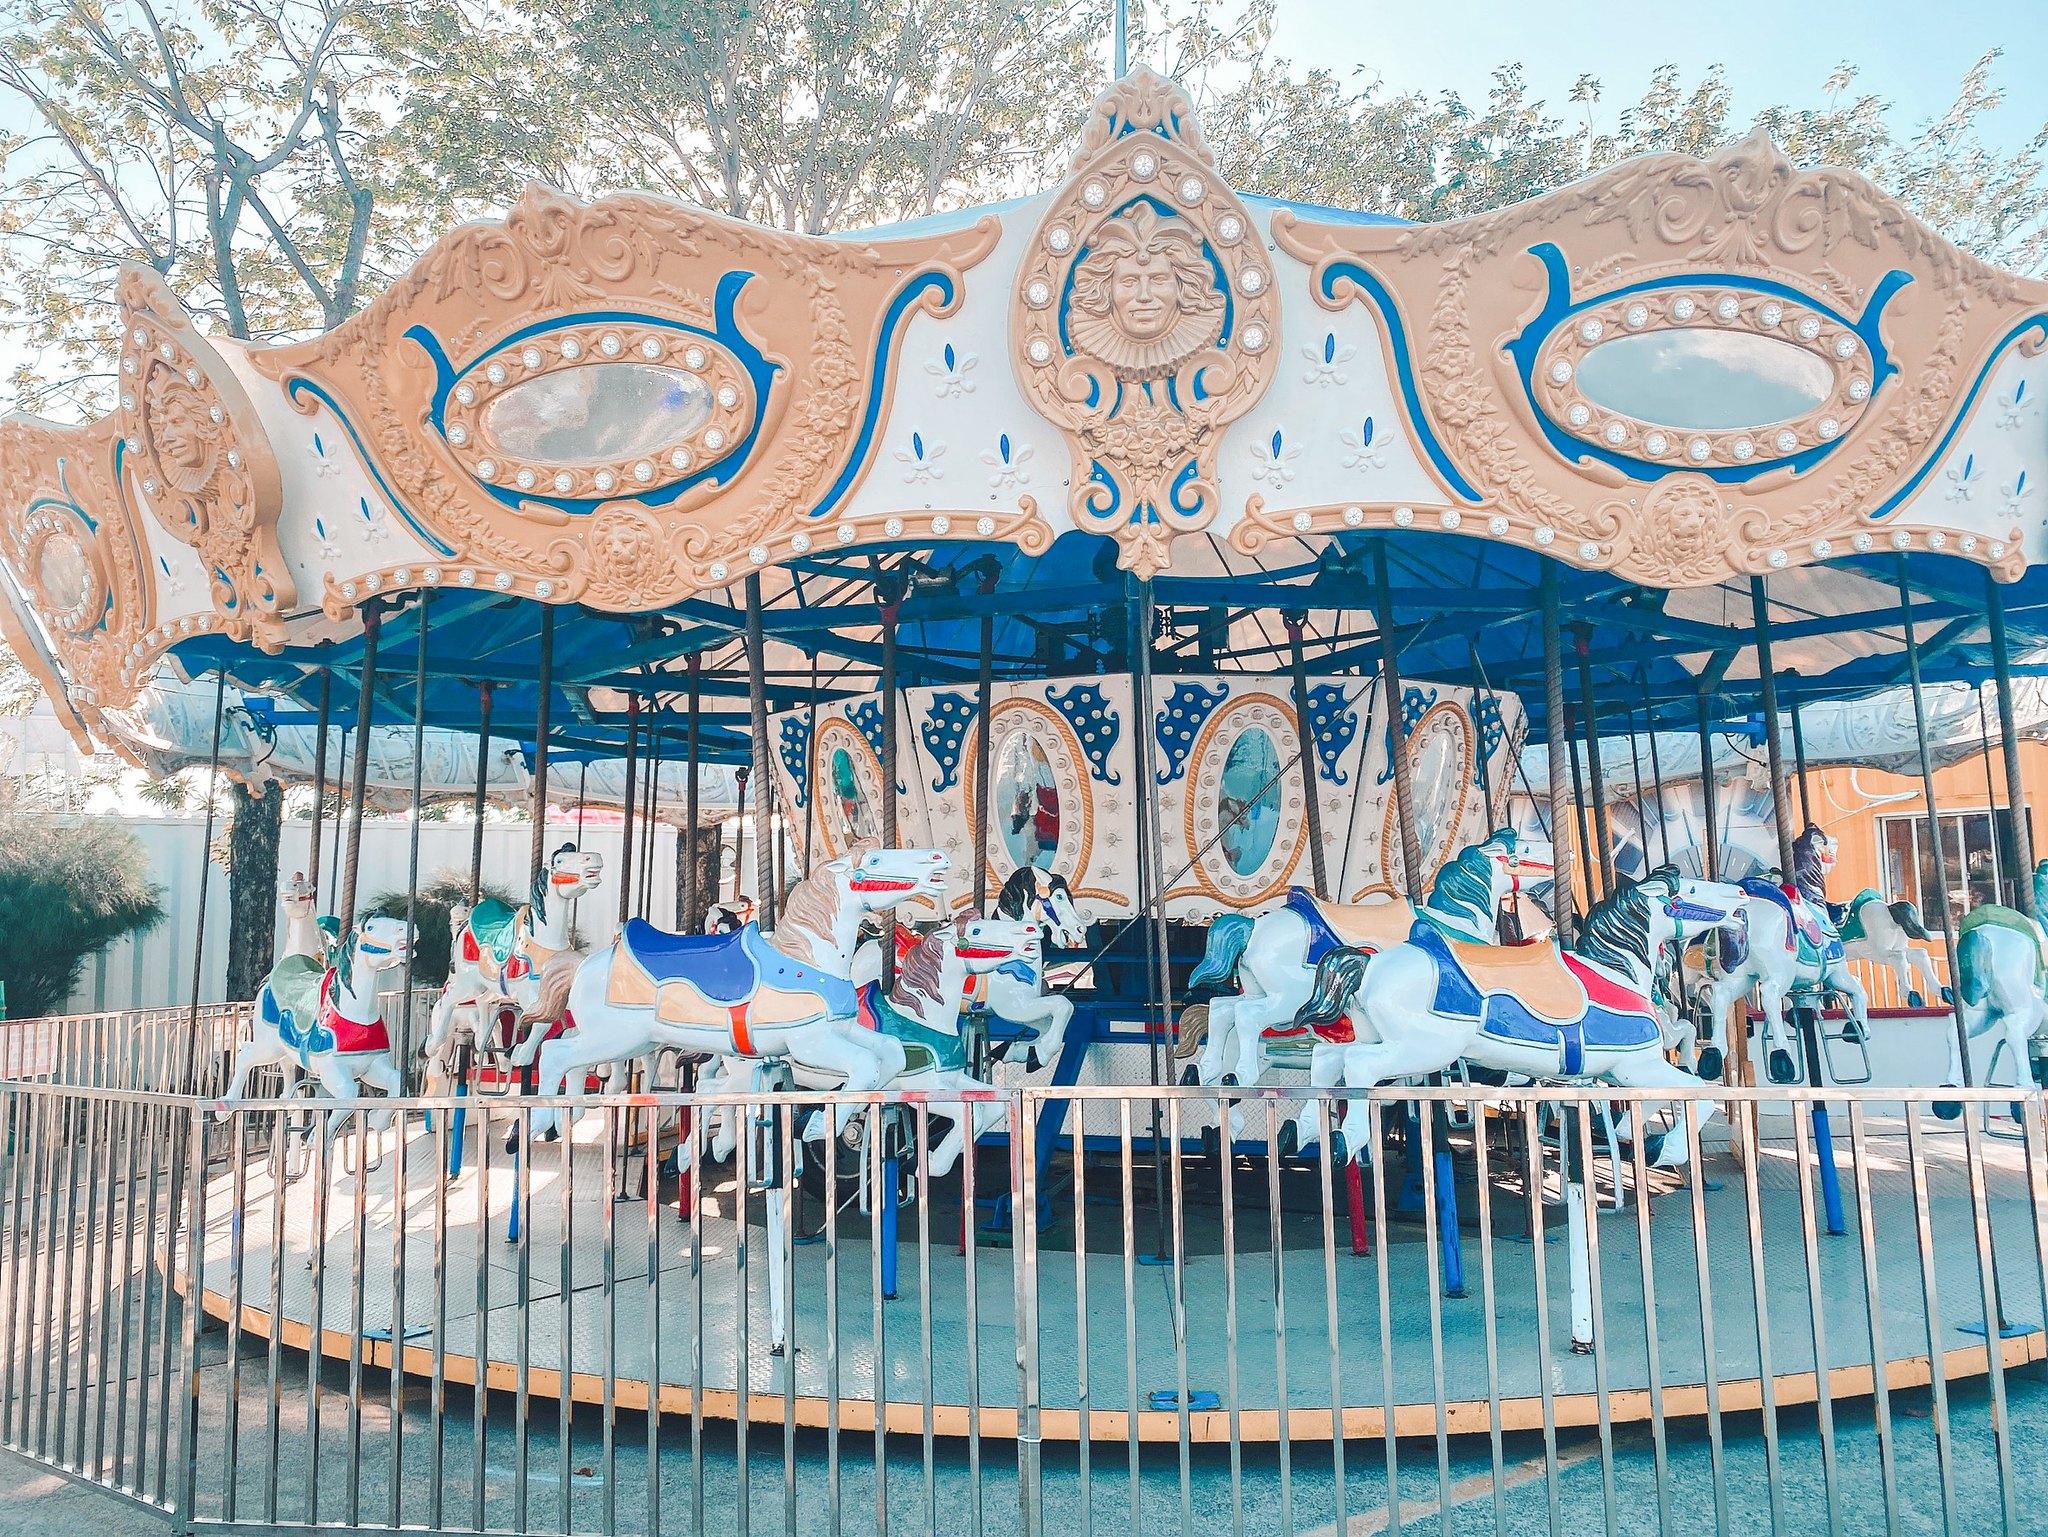 Jets嘉年華 桃園青埔2020景點 40項的遊樂設施、特色美食DJ音樂表演